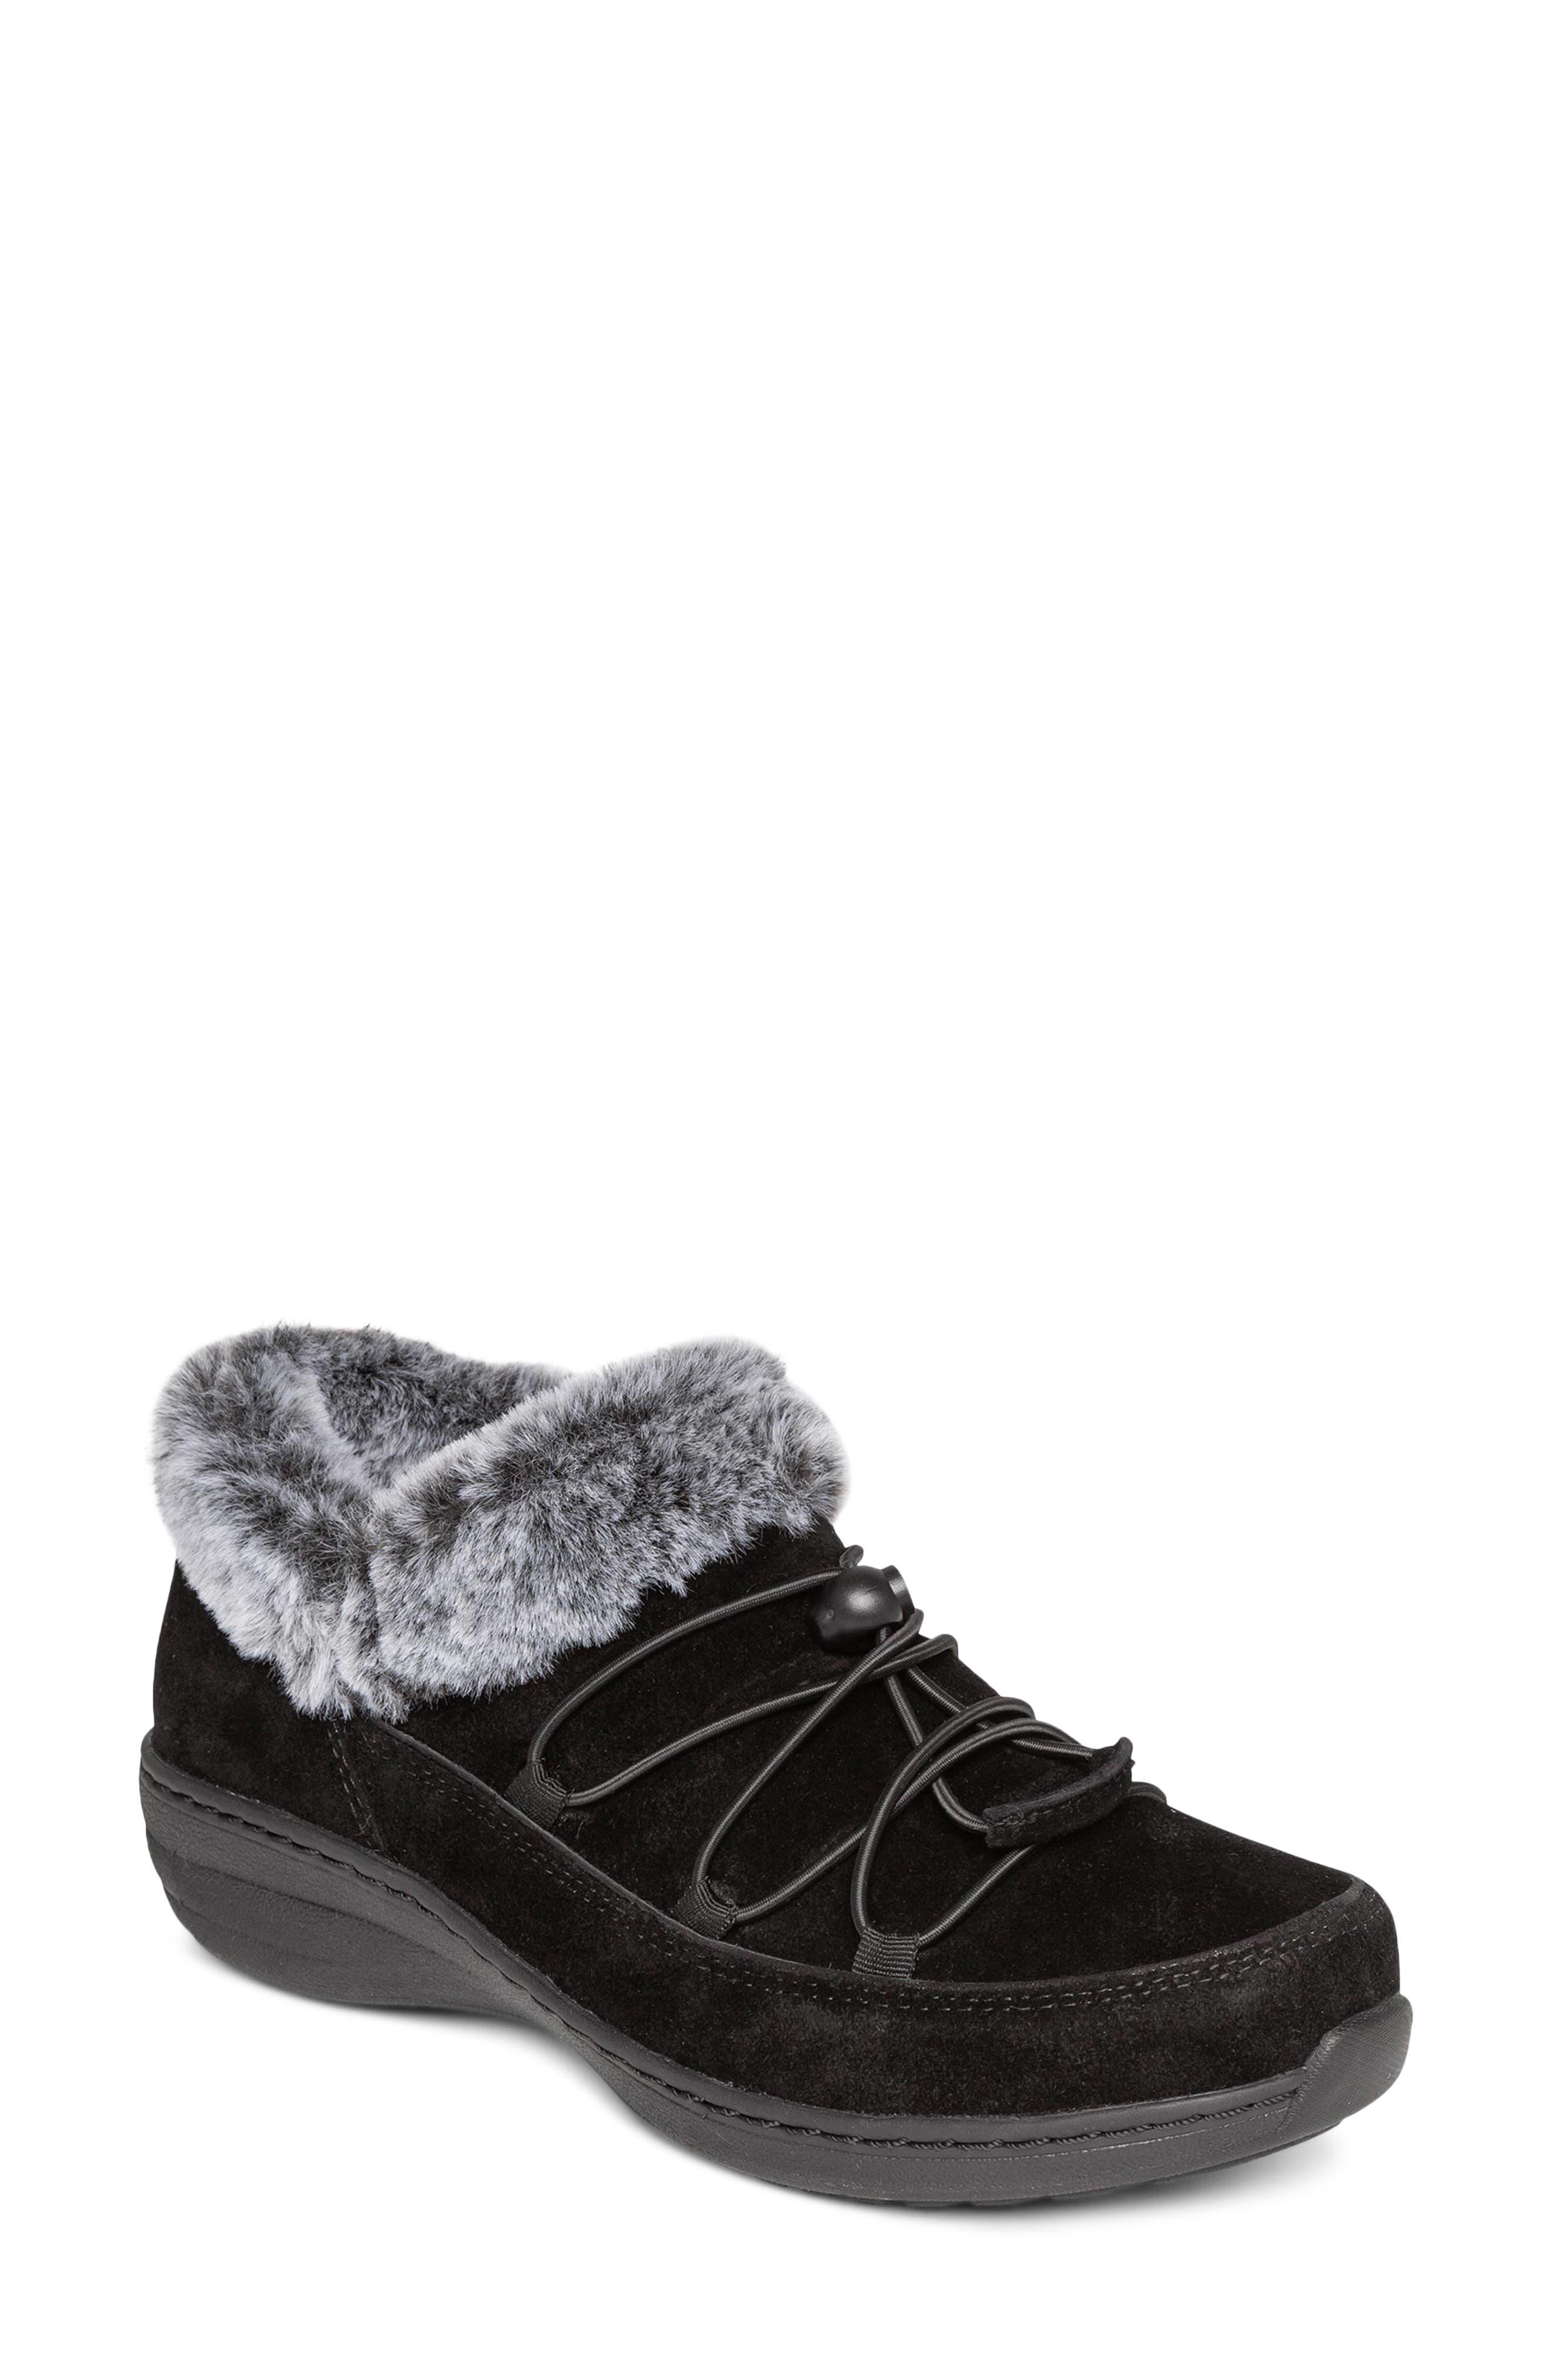 Aetrex Chrissy Faux Fur Lined Sneaker